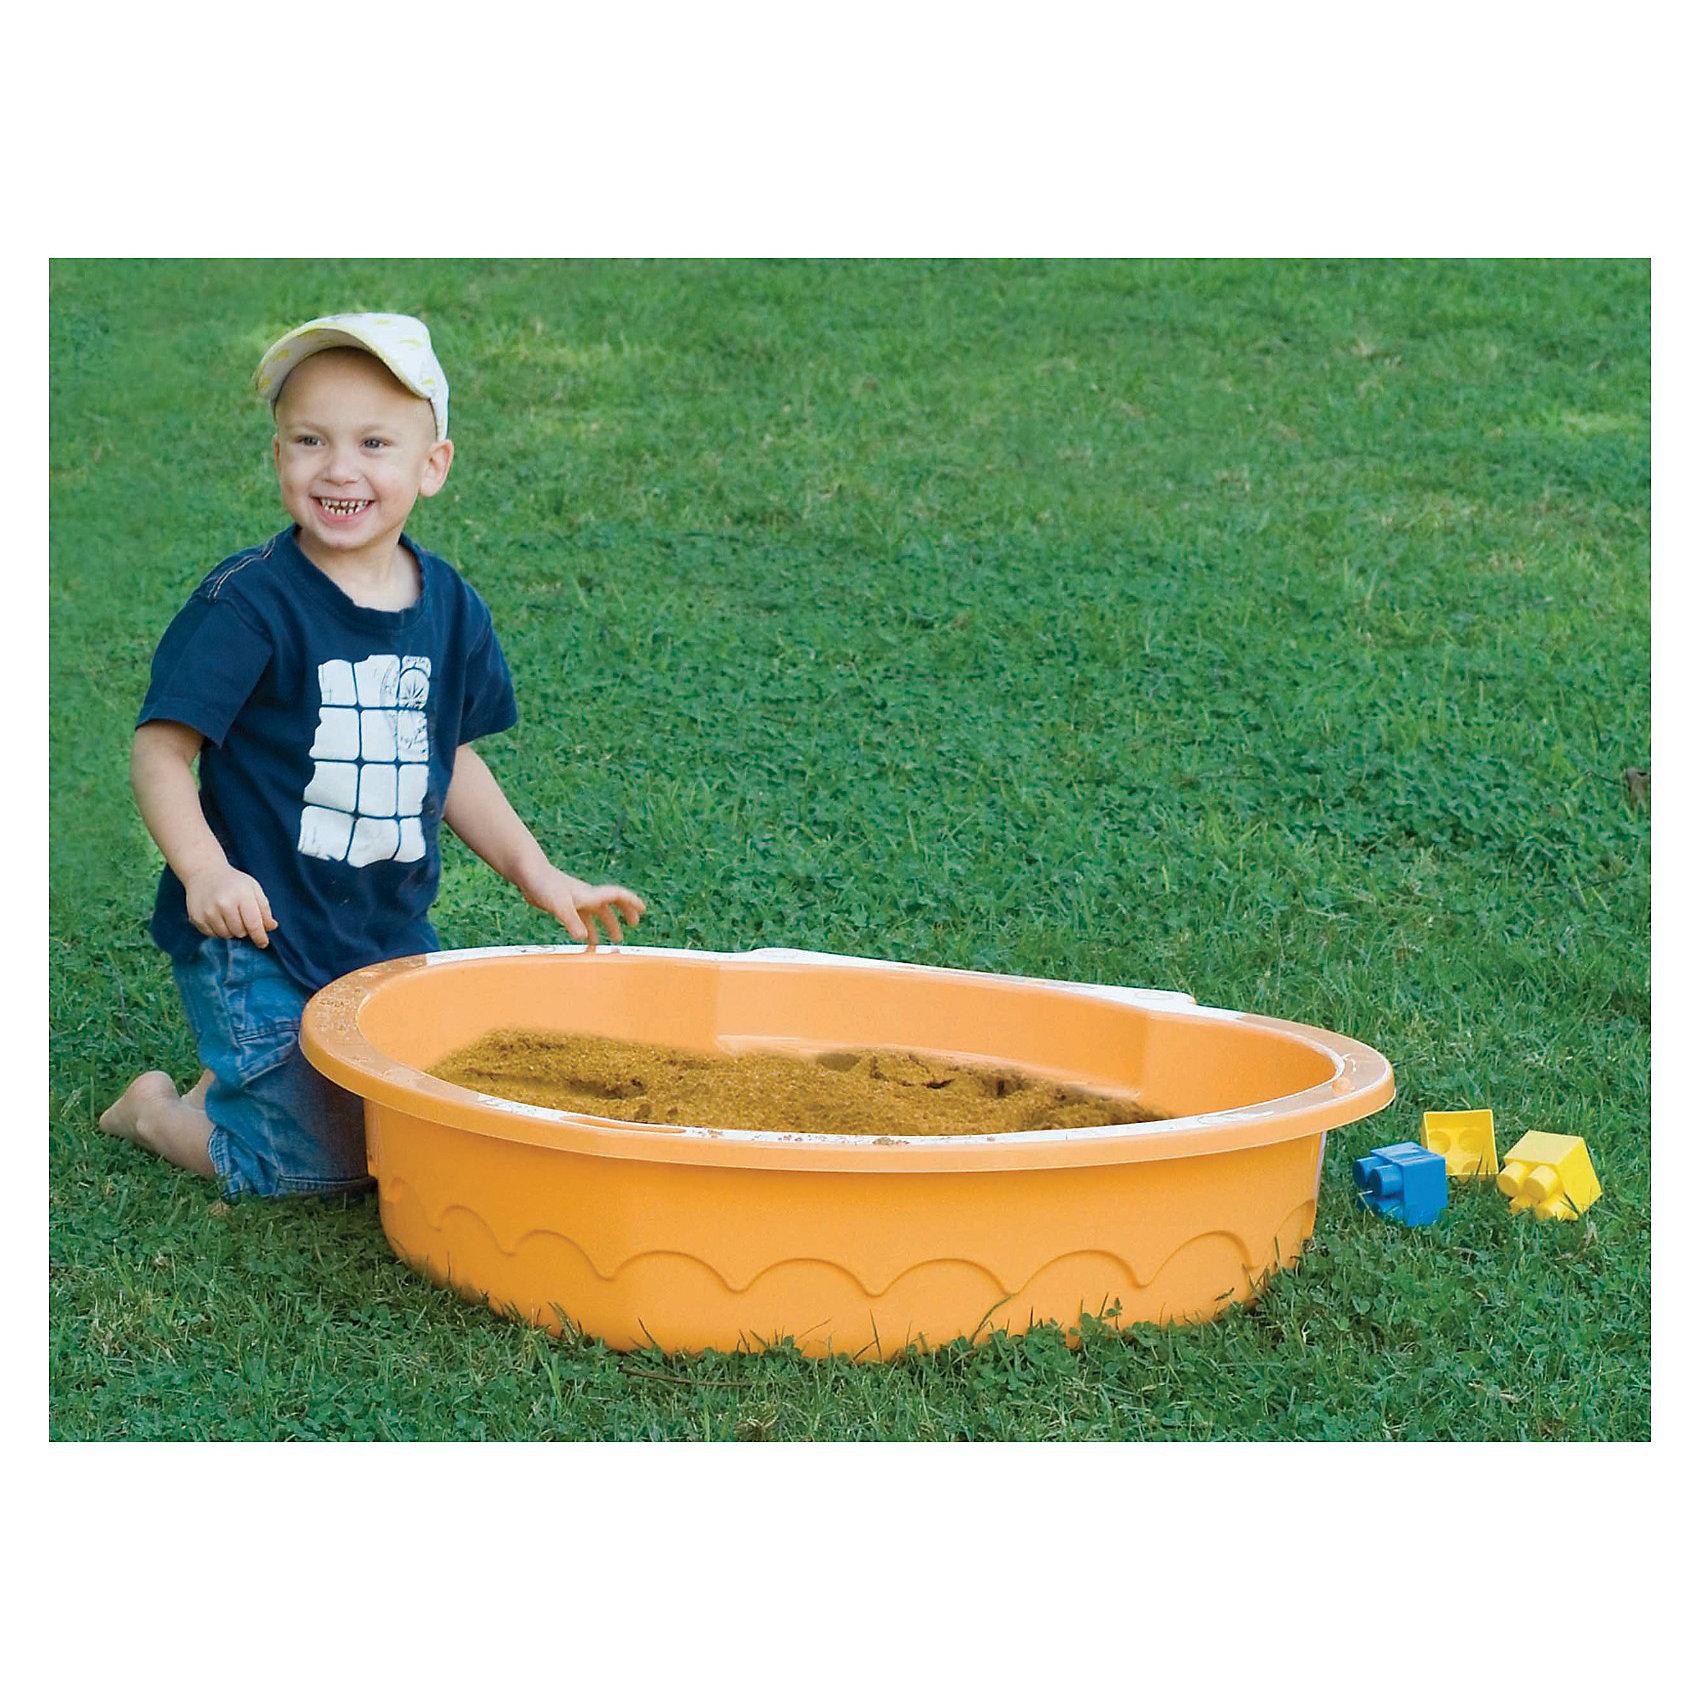 Marianplast Песочница - СердечкоПесочница-бассейн «Сердечко» Marianplast (Марианпласт) обязательно понравится Вашему малышу и станет его любимым местом для игр. Малыши очень любят игры в песке в куличики и с водой. Песочница Сердечко совмещает в себе эти две игровые возможности, ее можно использовать и как песочницу и как минибассейн. Благодаря своим компактным размерам песочница подойдет как для игры на улице, на даче, так и в закрытом помещении.<br><br>Песочница-бассейн выполнена  в виде сердечка, имеет удобный выступ, который можно использовать в качестве скамеечки или ступеньки, высота бортика - 20 см. Дно  нескользящее, рифленое, с тремя сердечками, имеется ручка-прорезь для компактной переноски. Идеально подходит для игр двух детей.<br><br>Дополнительная информация:<br><br>- Материал: гипоаллергенная пластмасса.<br>- Размер: 90.5 x 79 x 20 см.<br>- Вес: 1,6 кг.<br><br>Песочницу-бассейн «Сердечко» от Marianplast (Марианпласт) можно купить в нашем интернет-магазине.<br><br>Ширина мм: 905<br>Глубина мм: 790<br>Высота мм: 200<br>Вес г: 1580<br>Возраст от месяцев: 24<br>Возраст до месяцев: 96<br>Пол: Унисекс<br>Возраст: Детский<br>SKU: 3527201